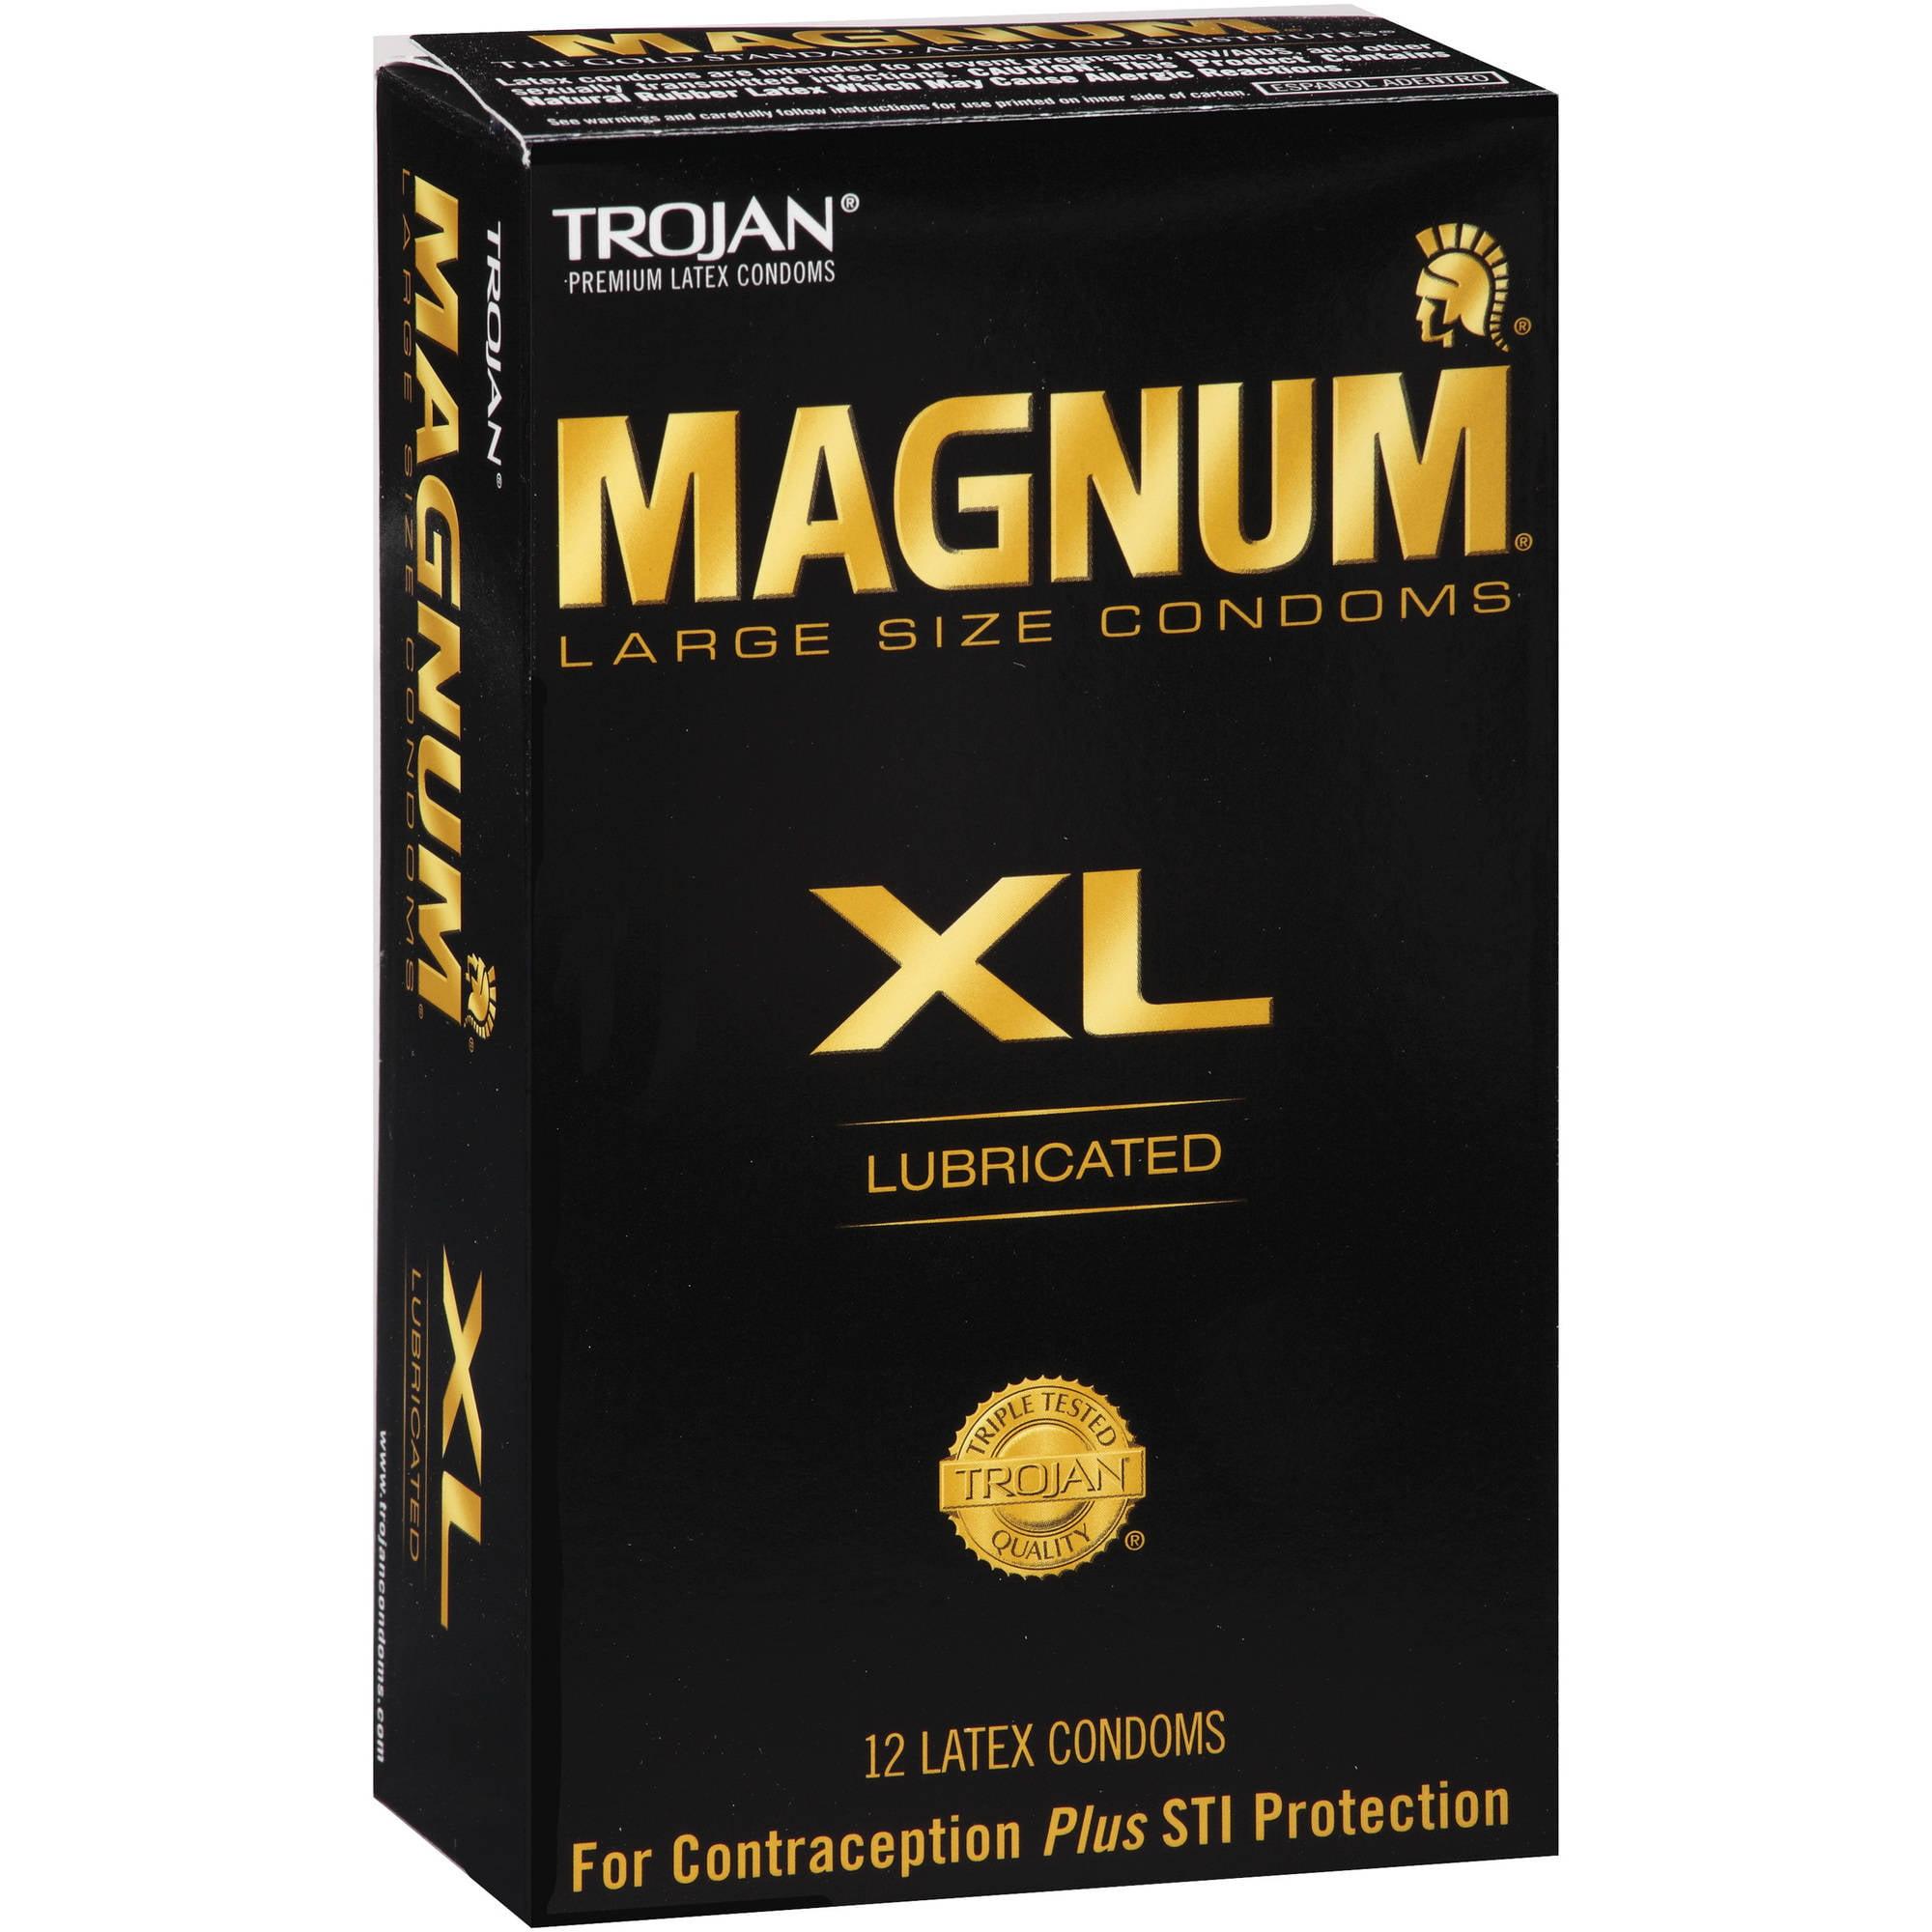 Trojan Magnum XL Lubricated Latex Condoms, 12 count